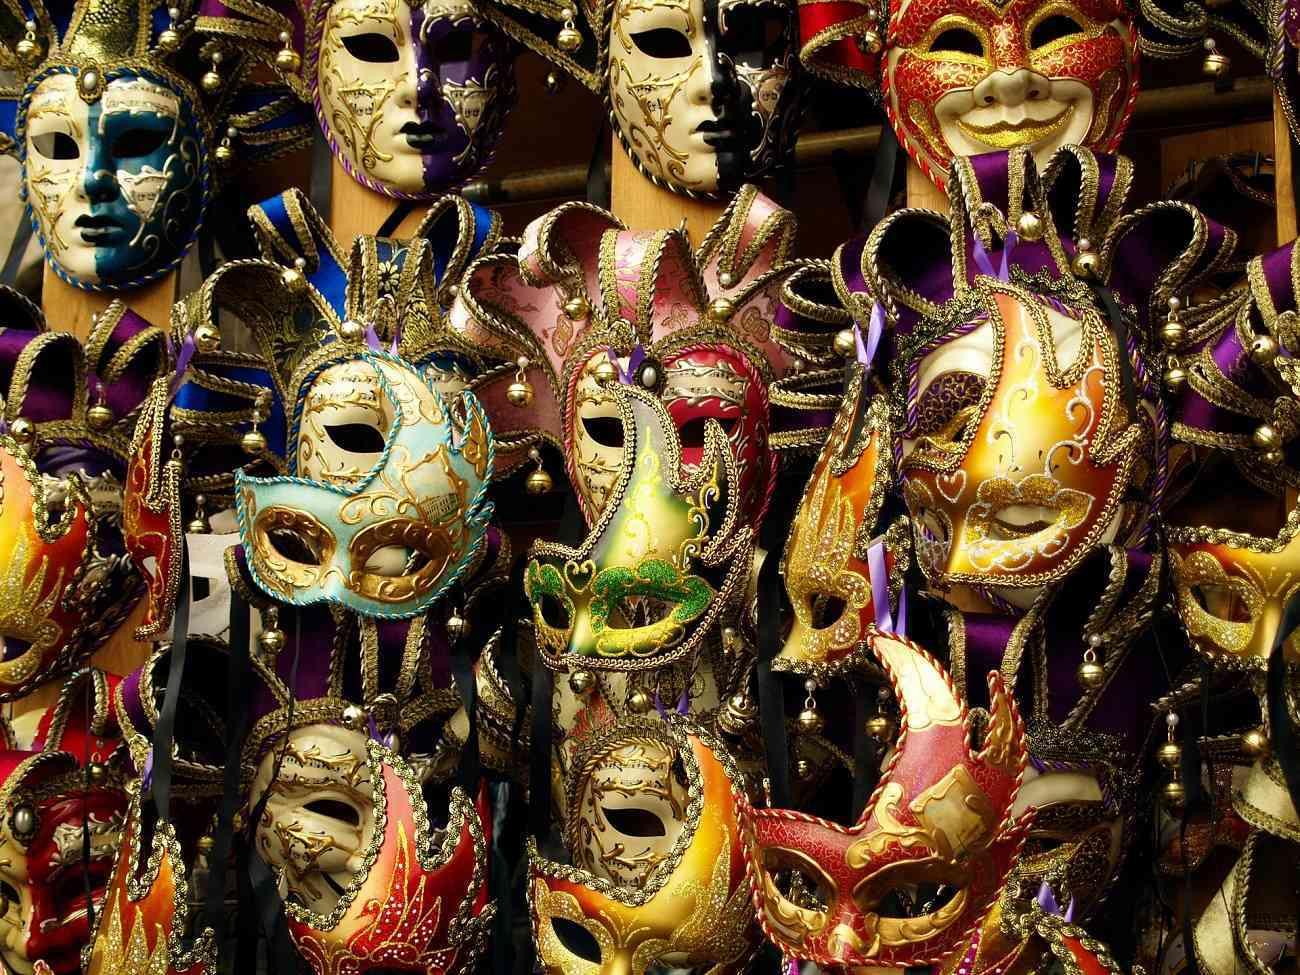 9 sorprendentes ideas para organizar una fiesta de Carnaval inolvidable 4